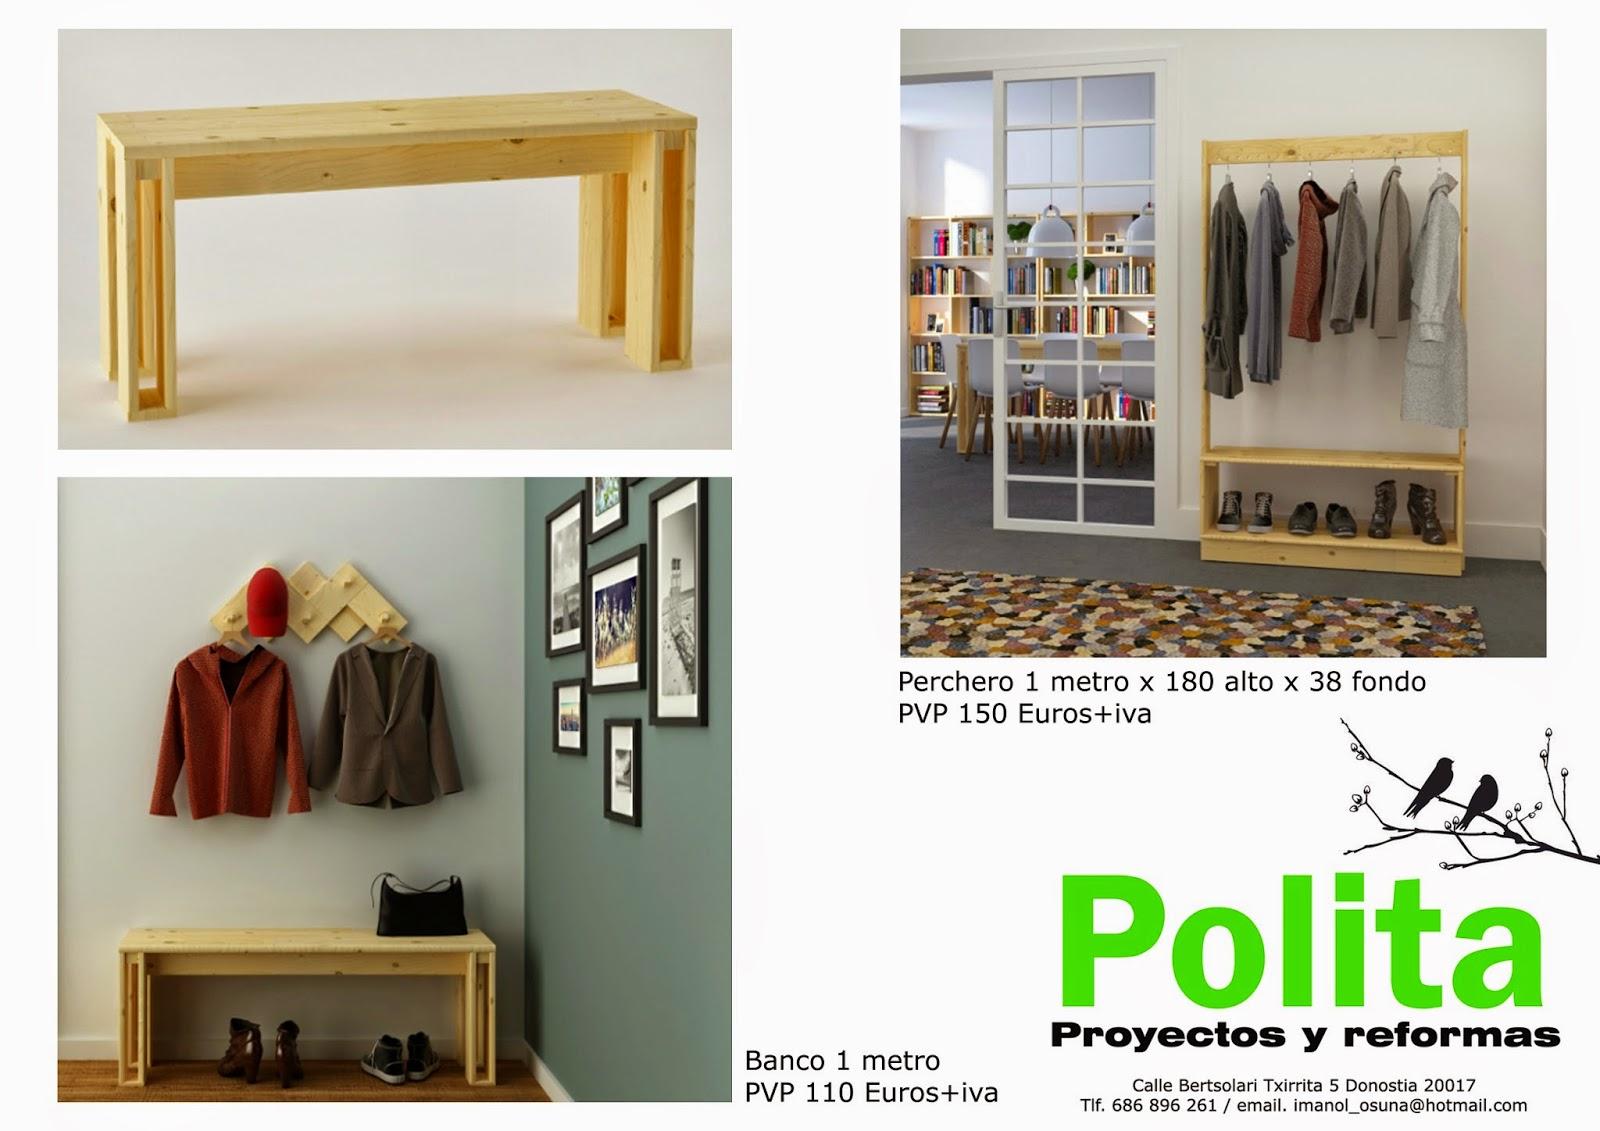 Polita proyectos y reformas top ventas muebles estilo for Muebles estilo nordico baratos